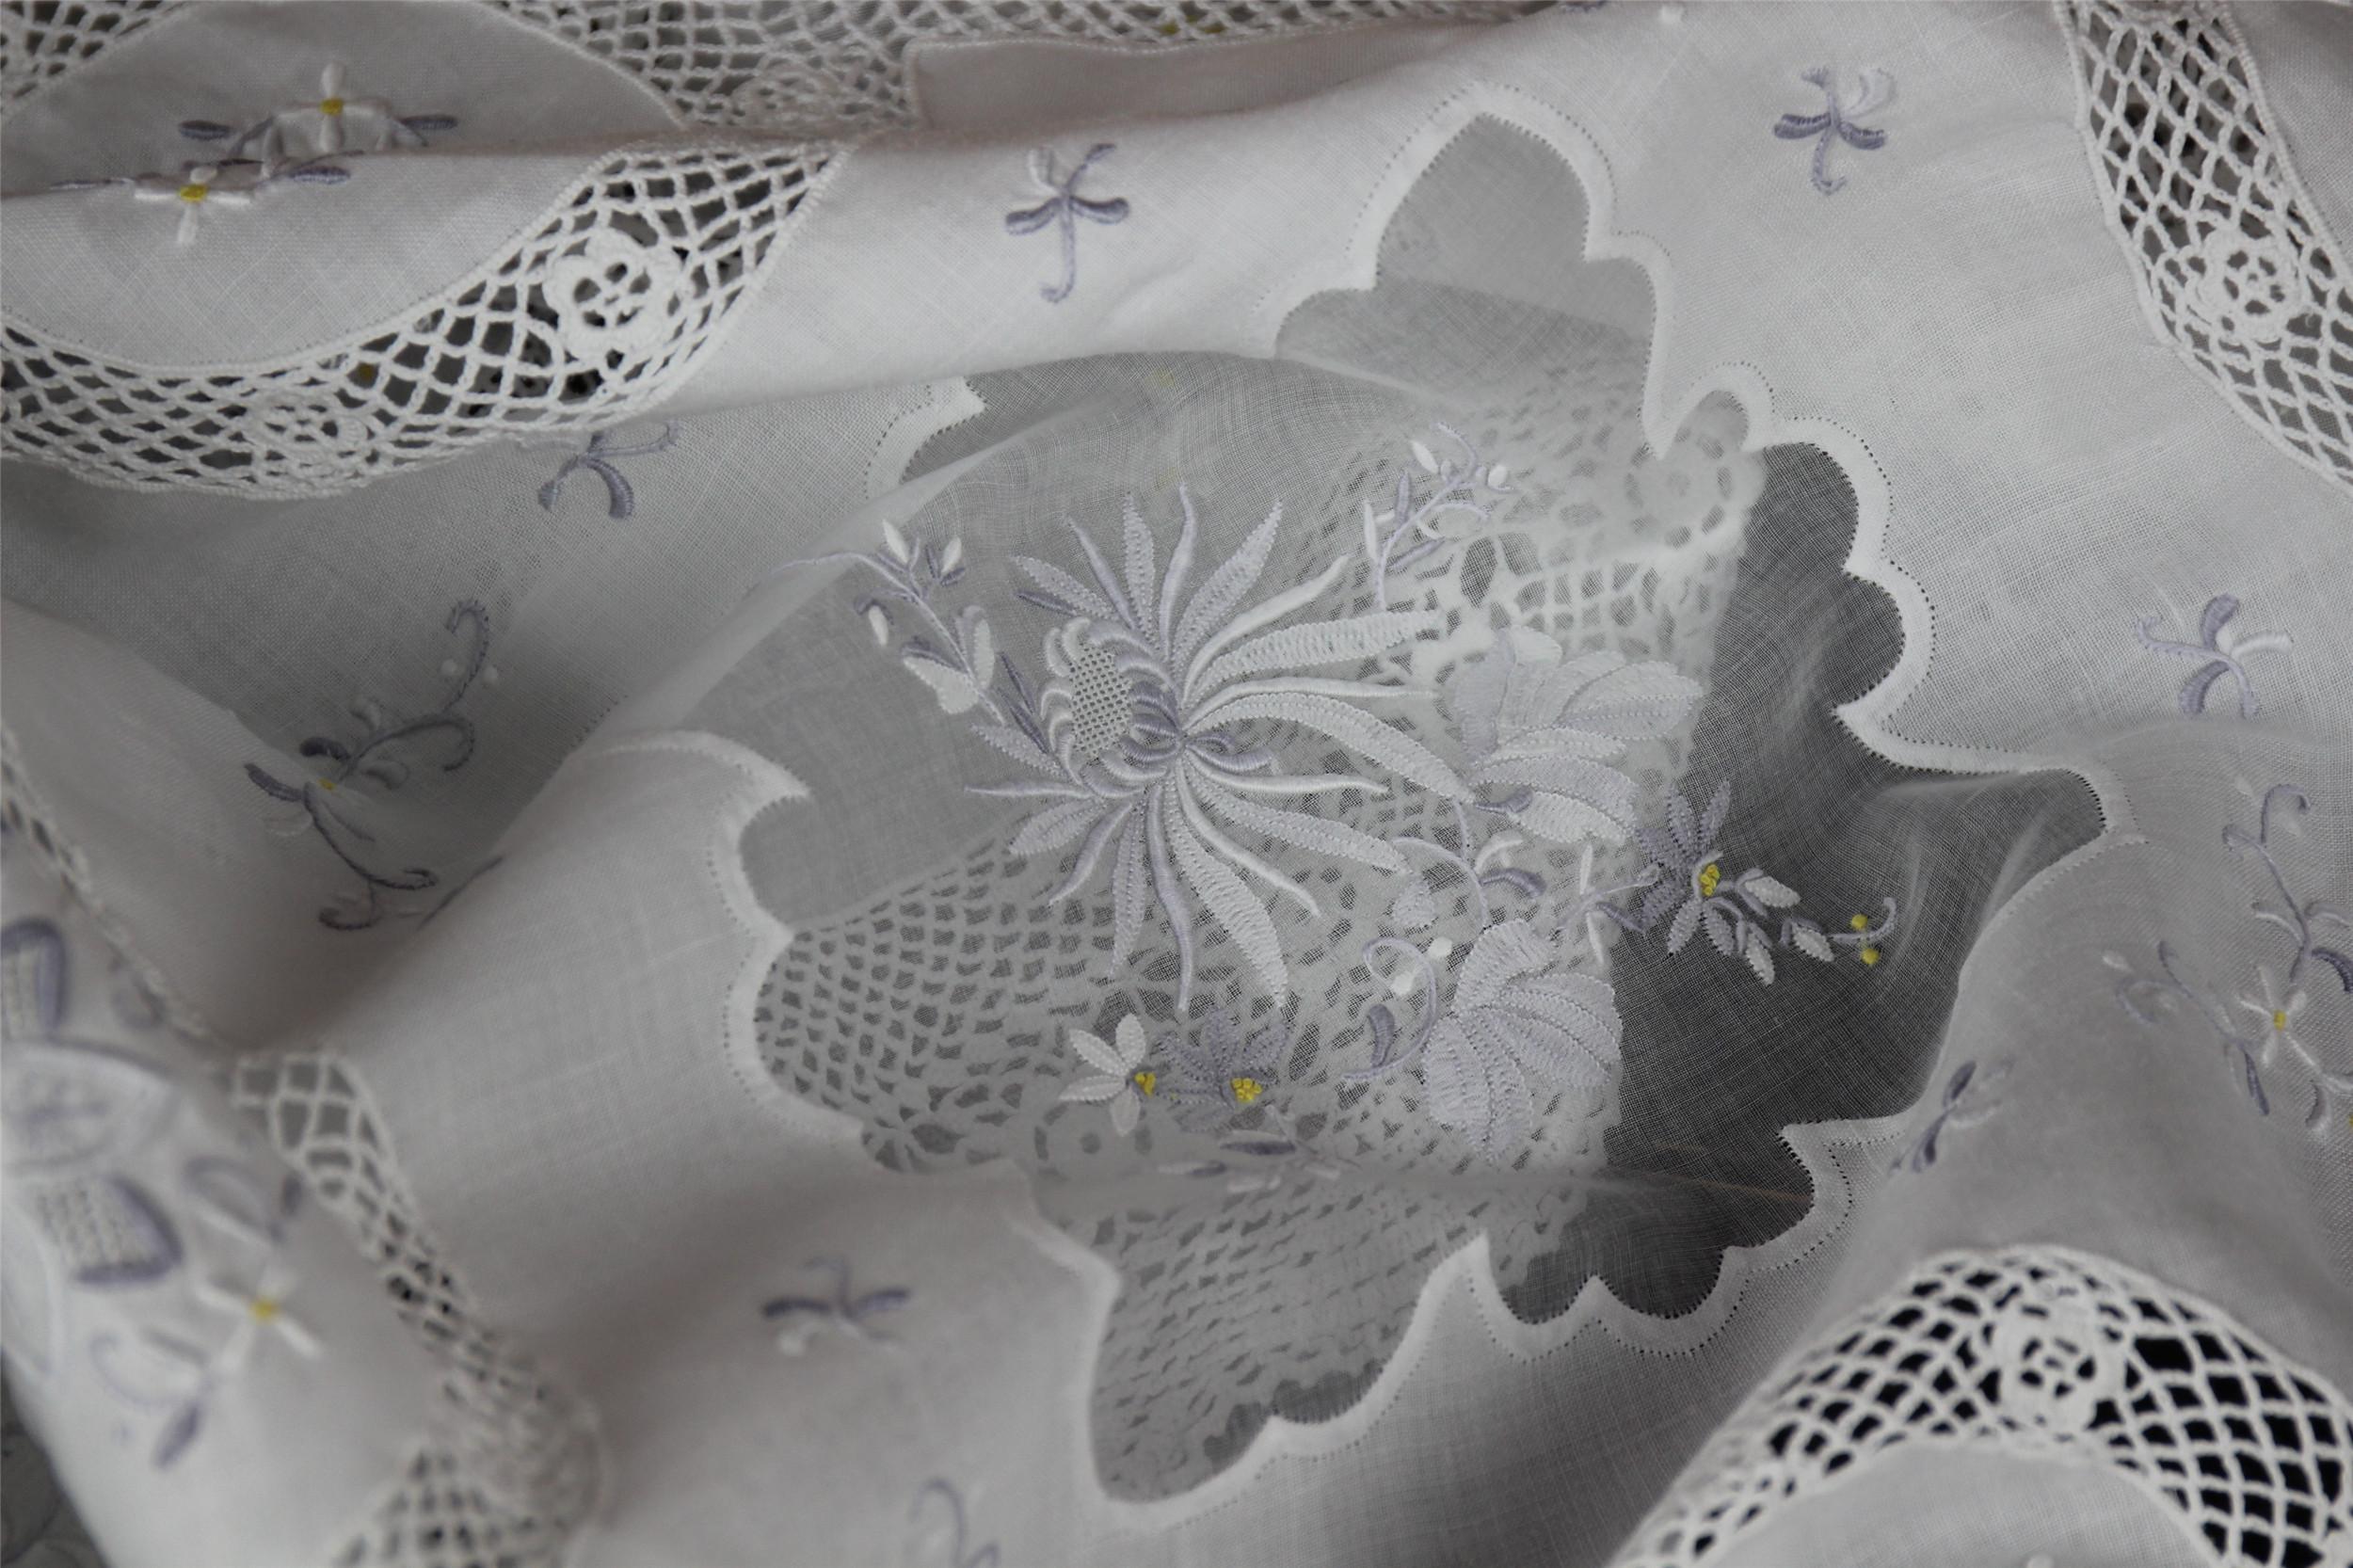 独家收藏|精品玻璃纱手工刺绣灰紫桌布瑞士进口玻璃纱床盖窗帘